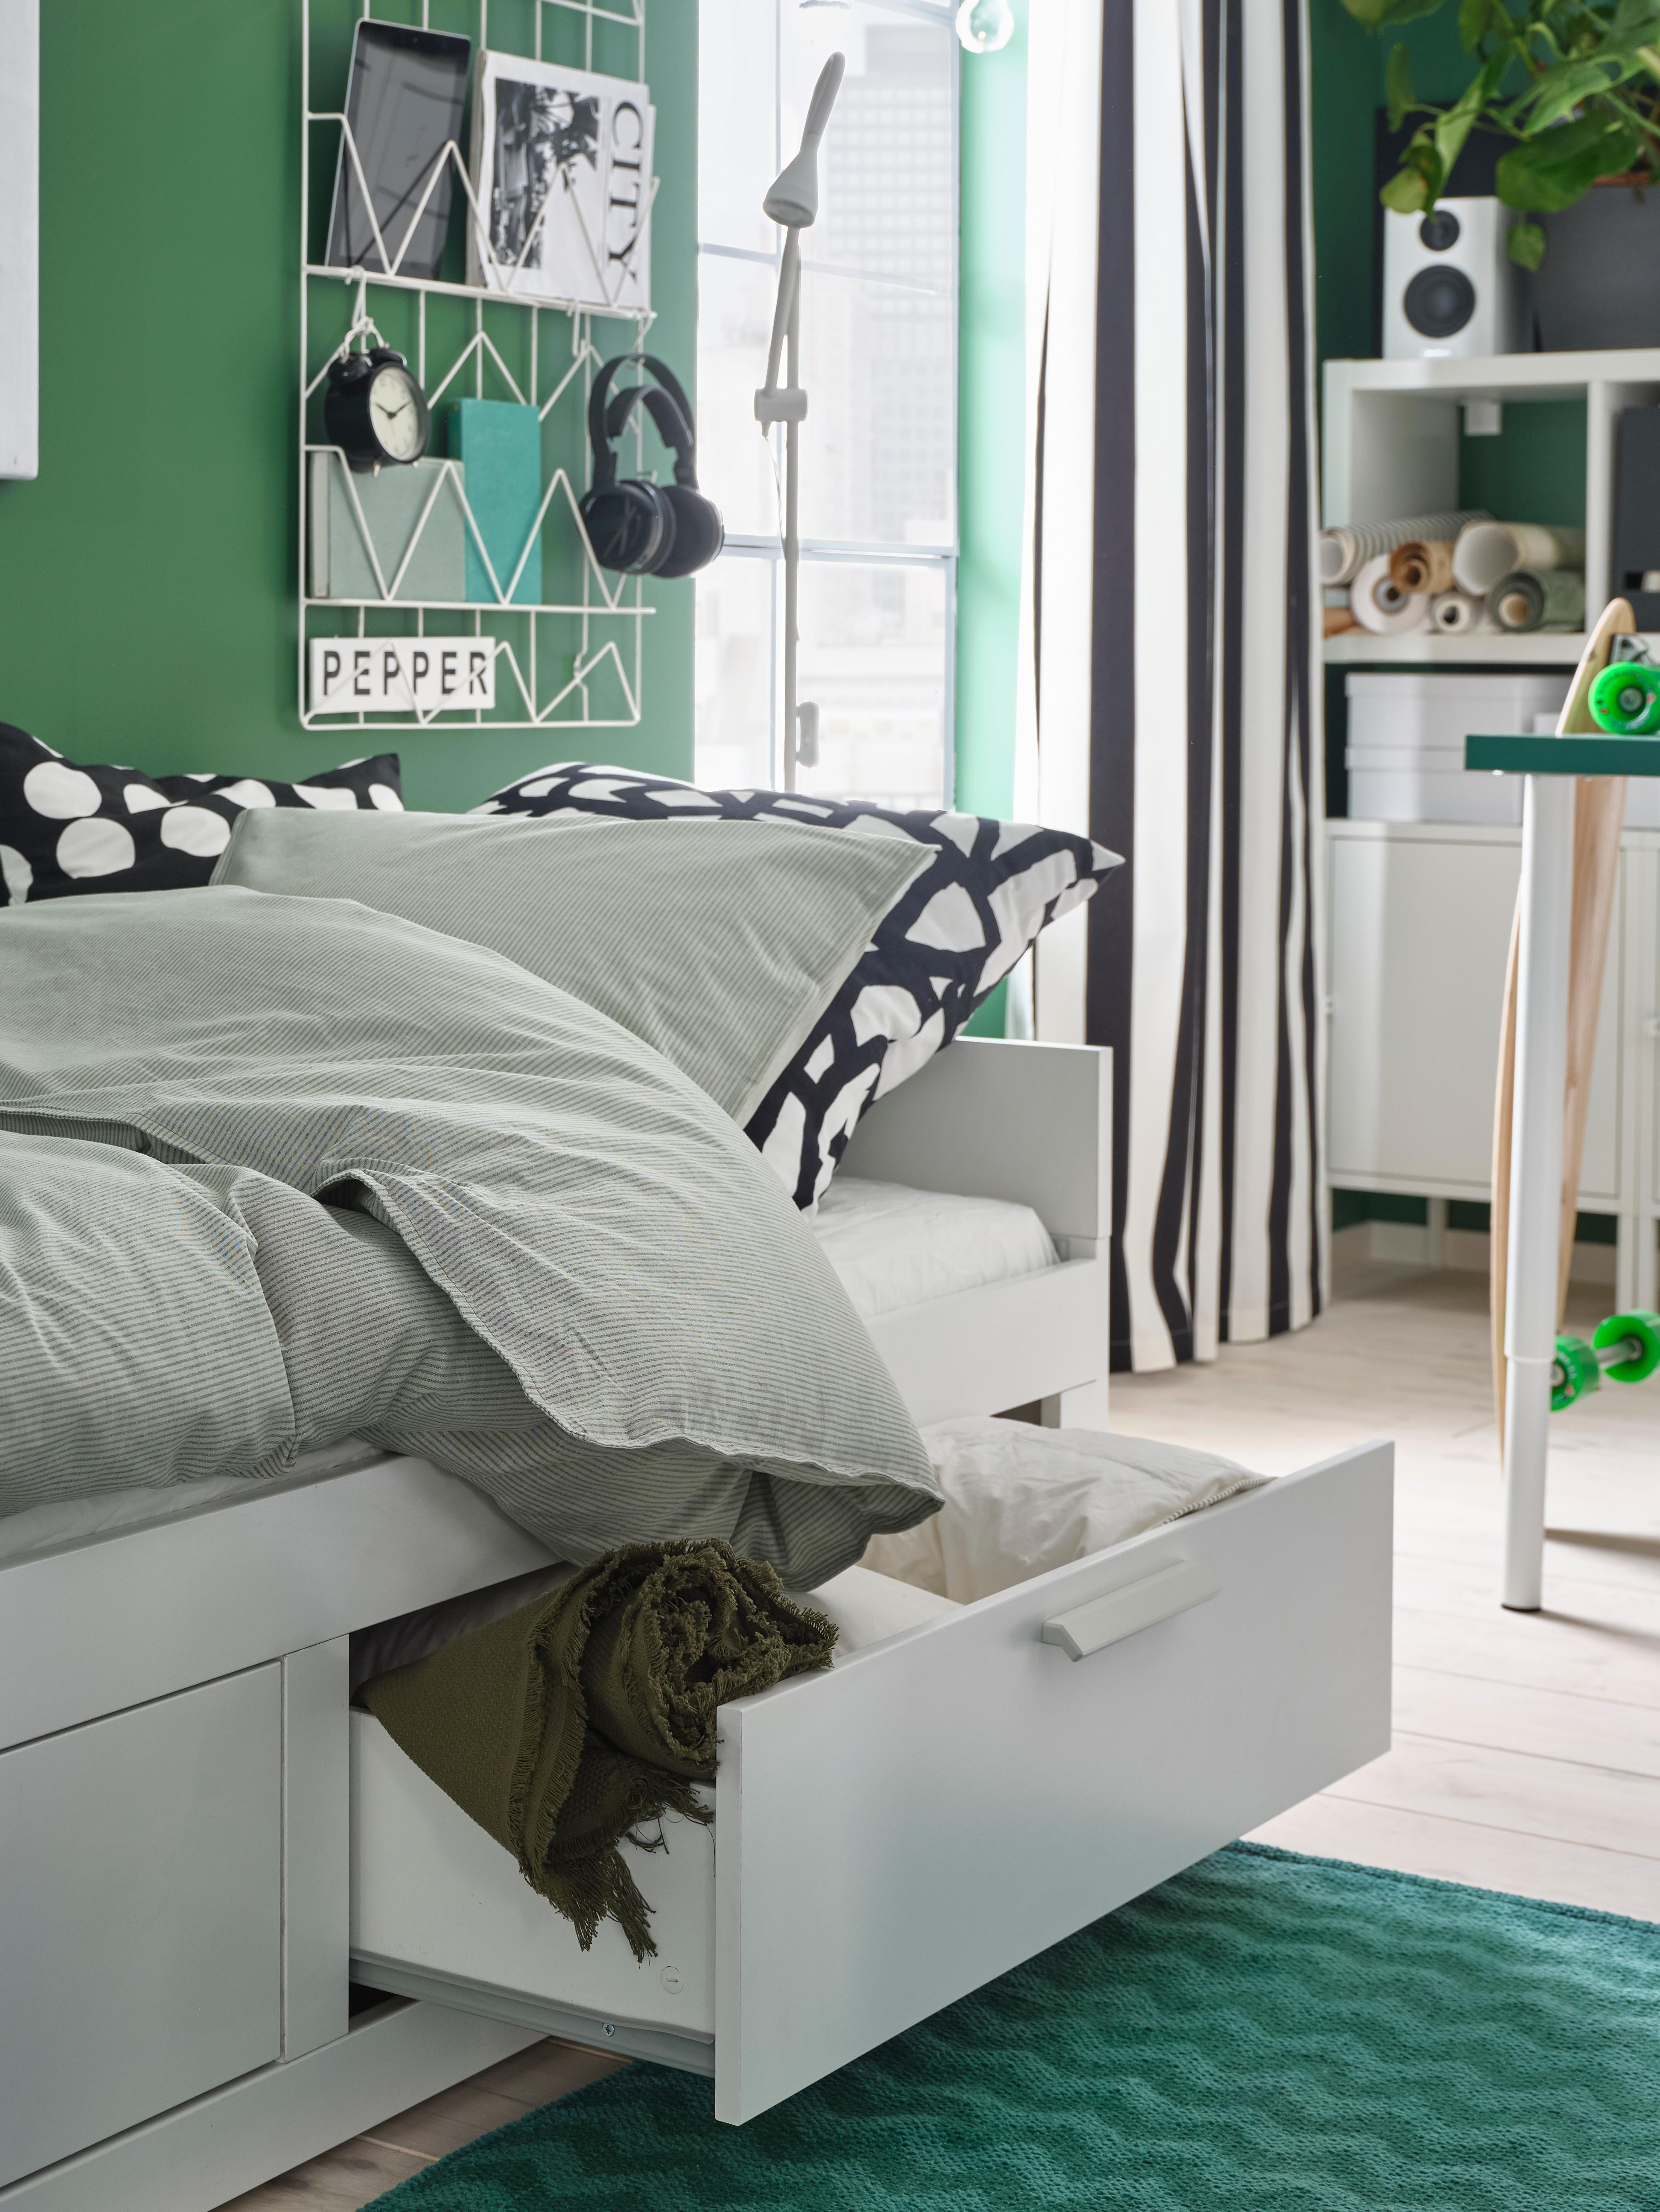 Šarena soba u kojoj je BRIMNES bijeli dnevni krevet s dvije ladice. Jedna ladica je otvorena, prikazuje posteljinu i laganu deku unutra.